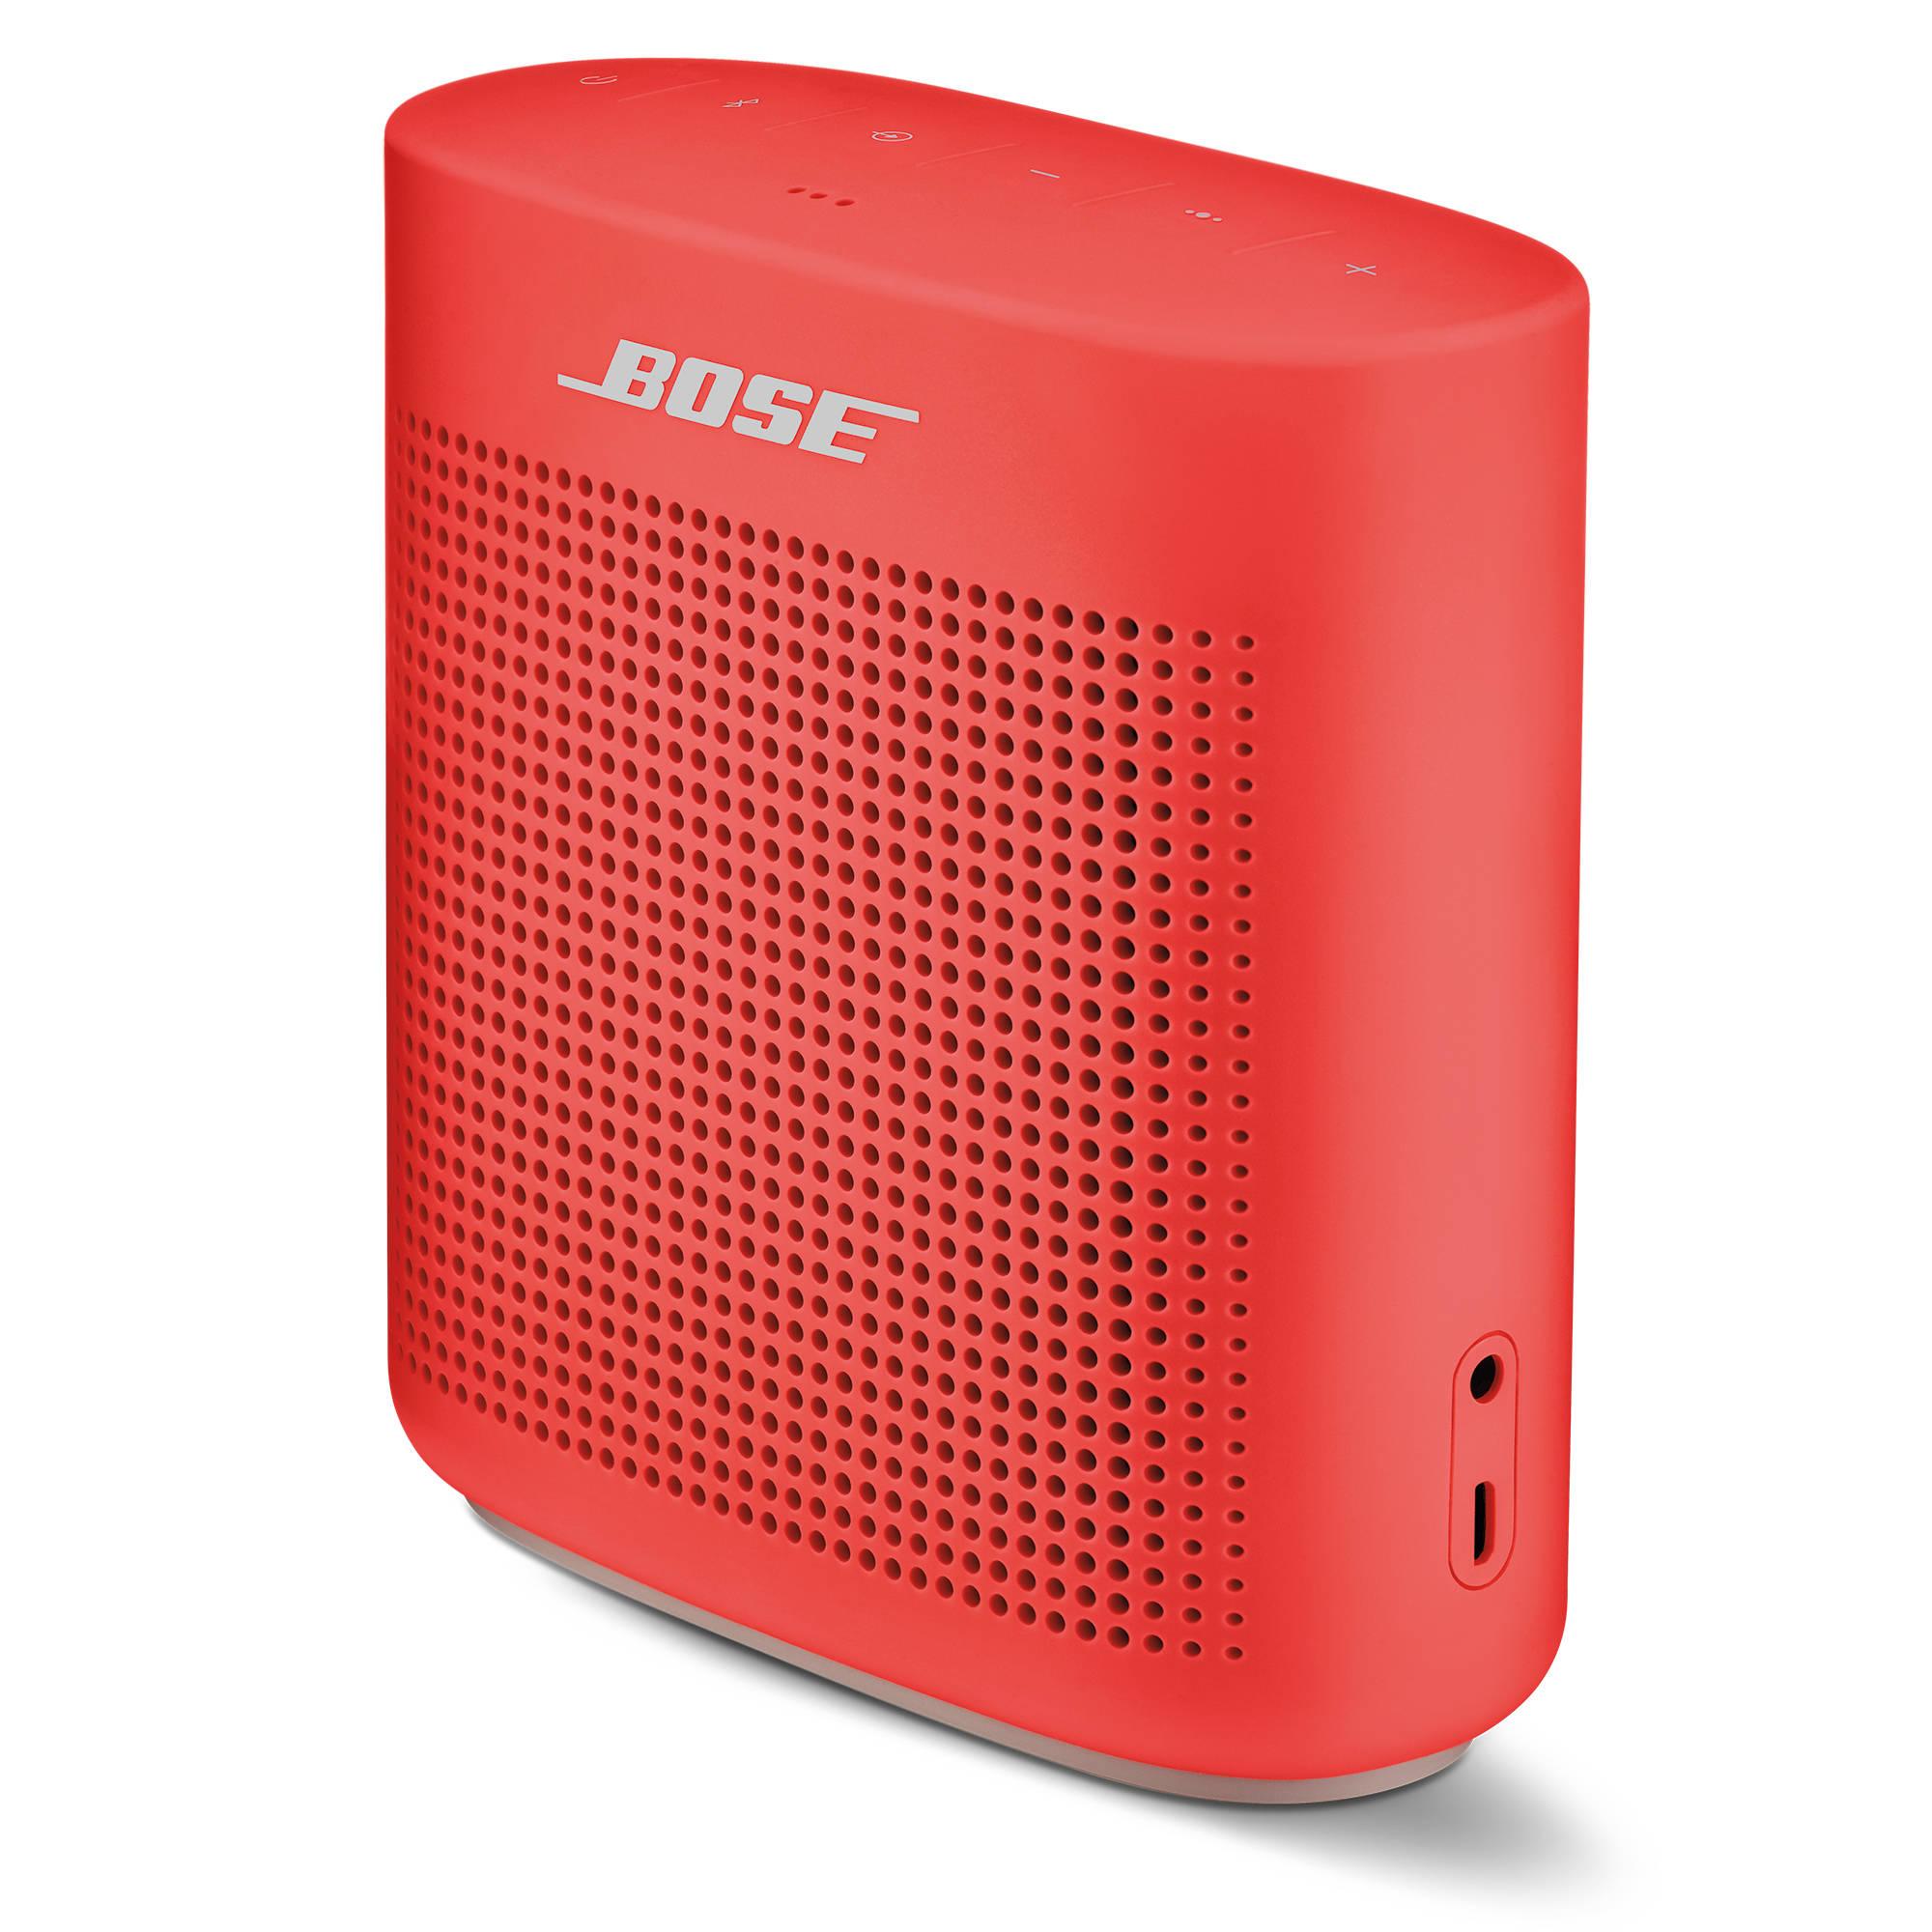 bose soundlink color ii bluetooth speaker coral red. Black Bedroom Furniture Sets. Home Design Ideas